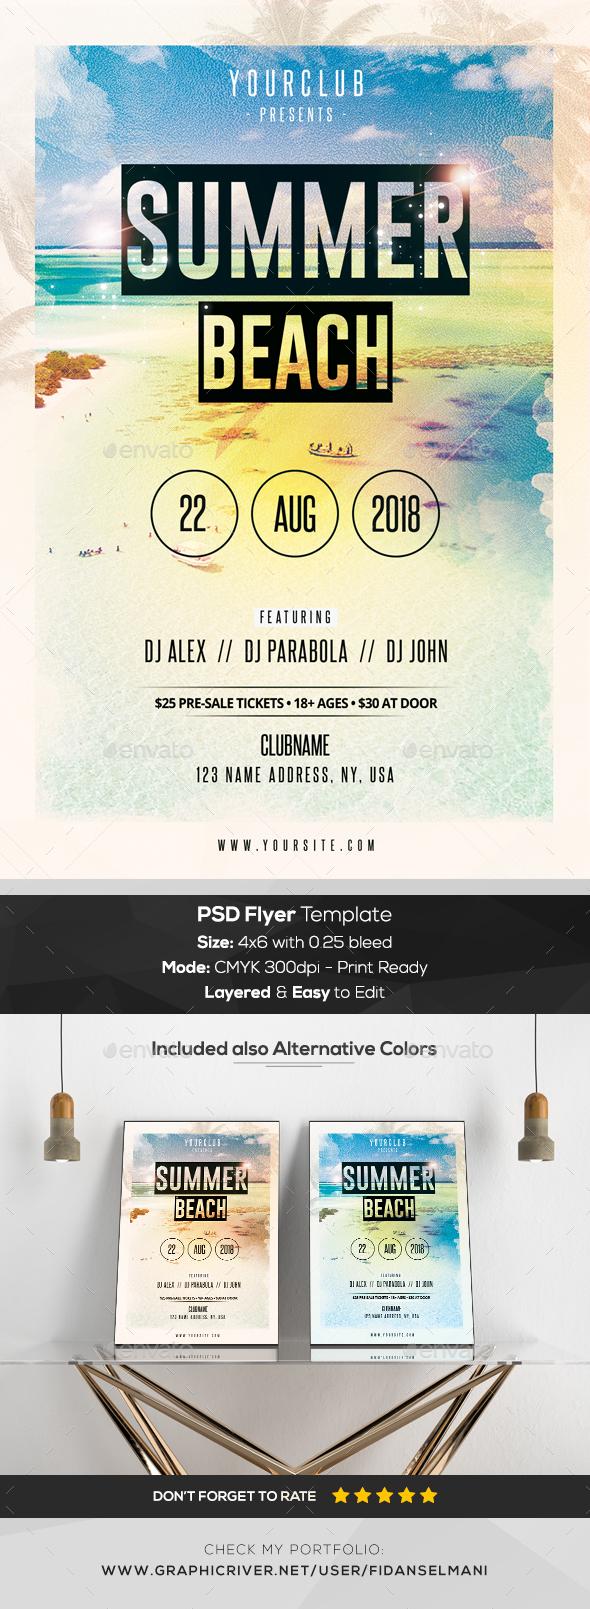 Summer Beach - PSD Flyer Template - Events Flyers